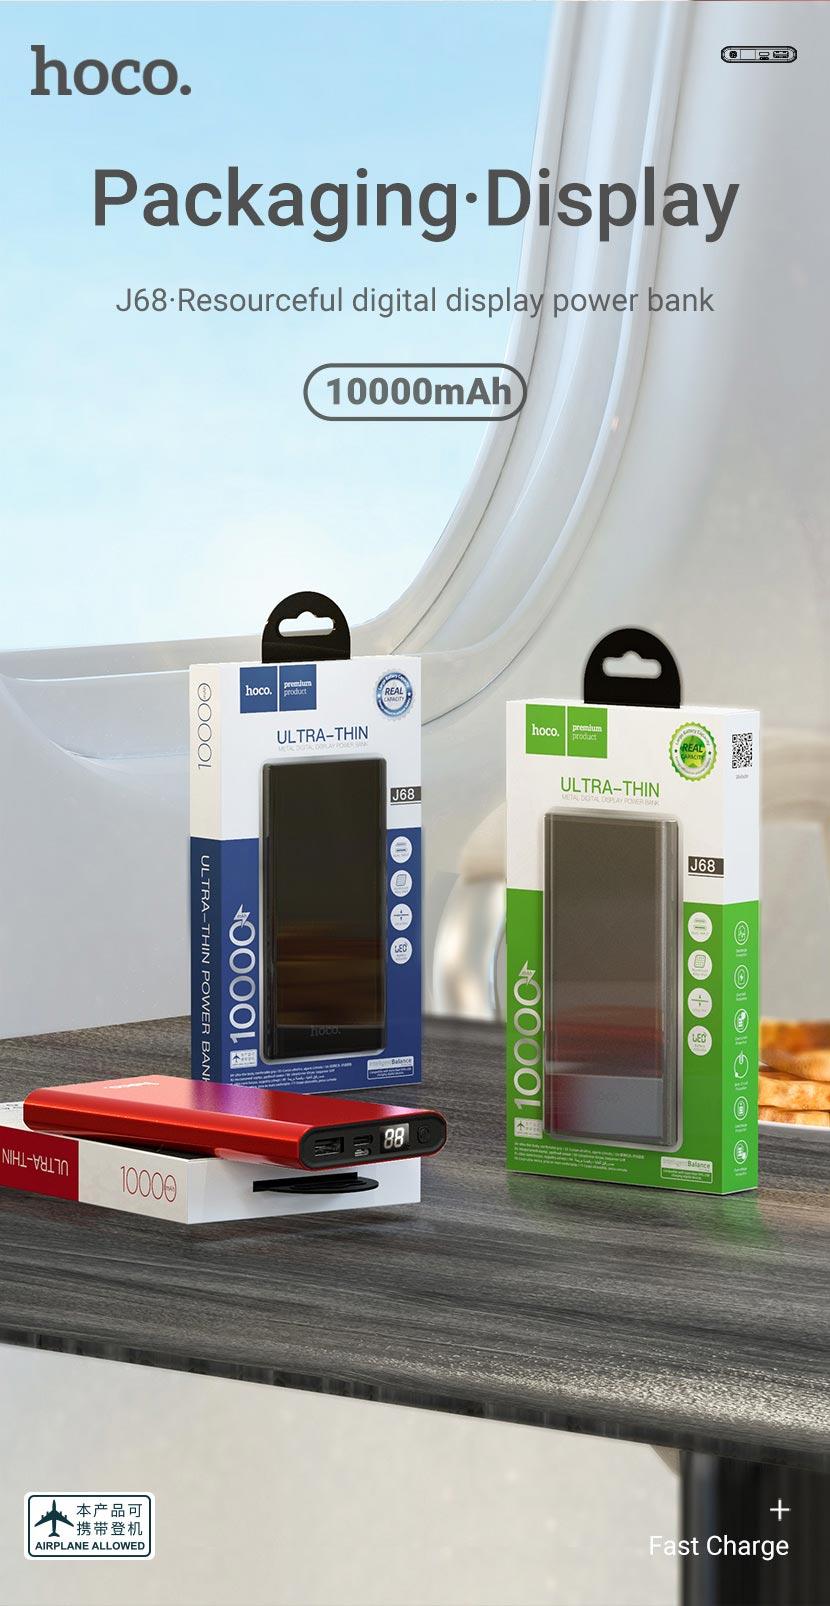 hoco news j68 resourceful digital display power bank 10000mah package en